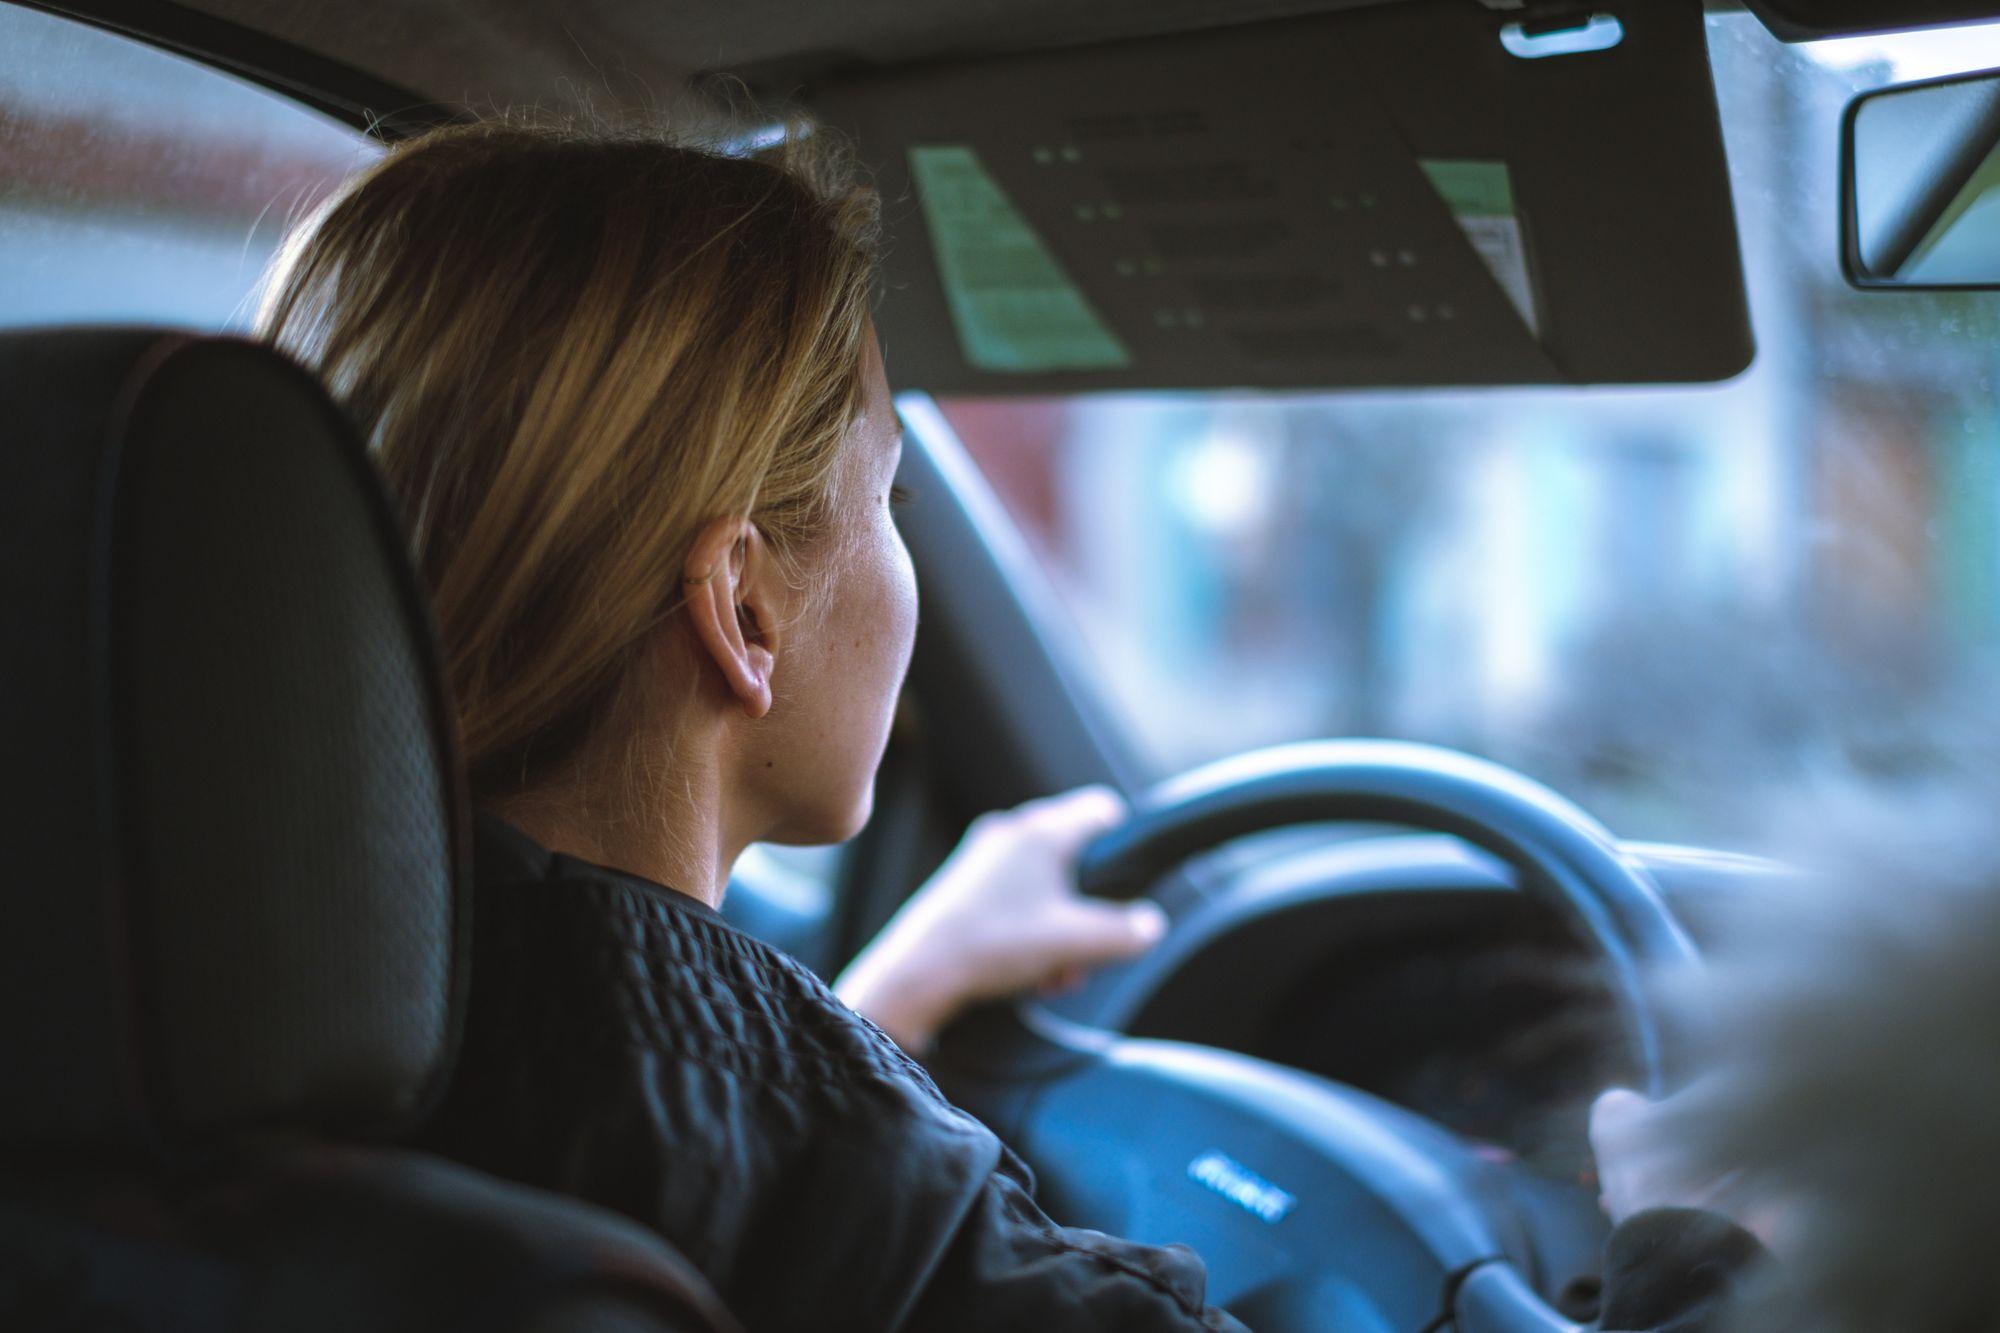 εσωτερικό αυτοκινήτου με γυναίκα να οδηγάει